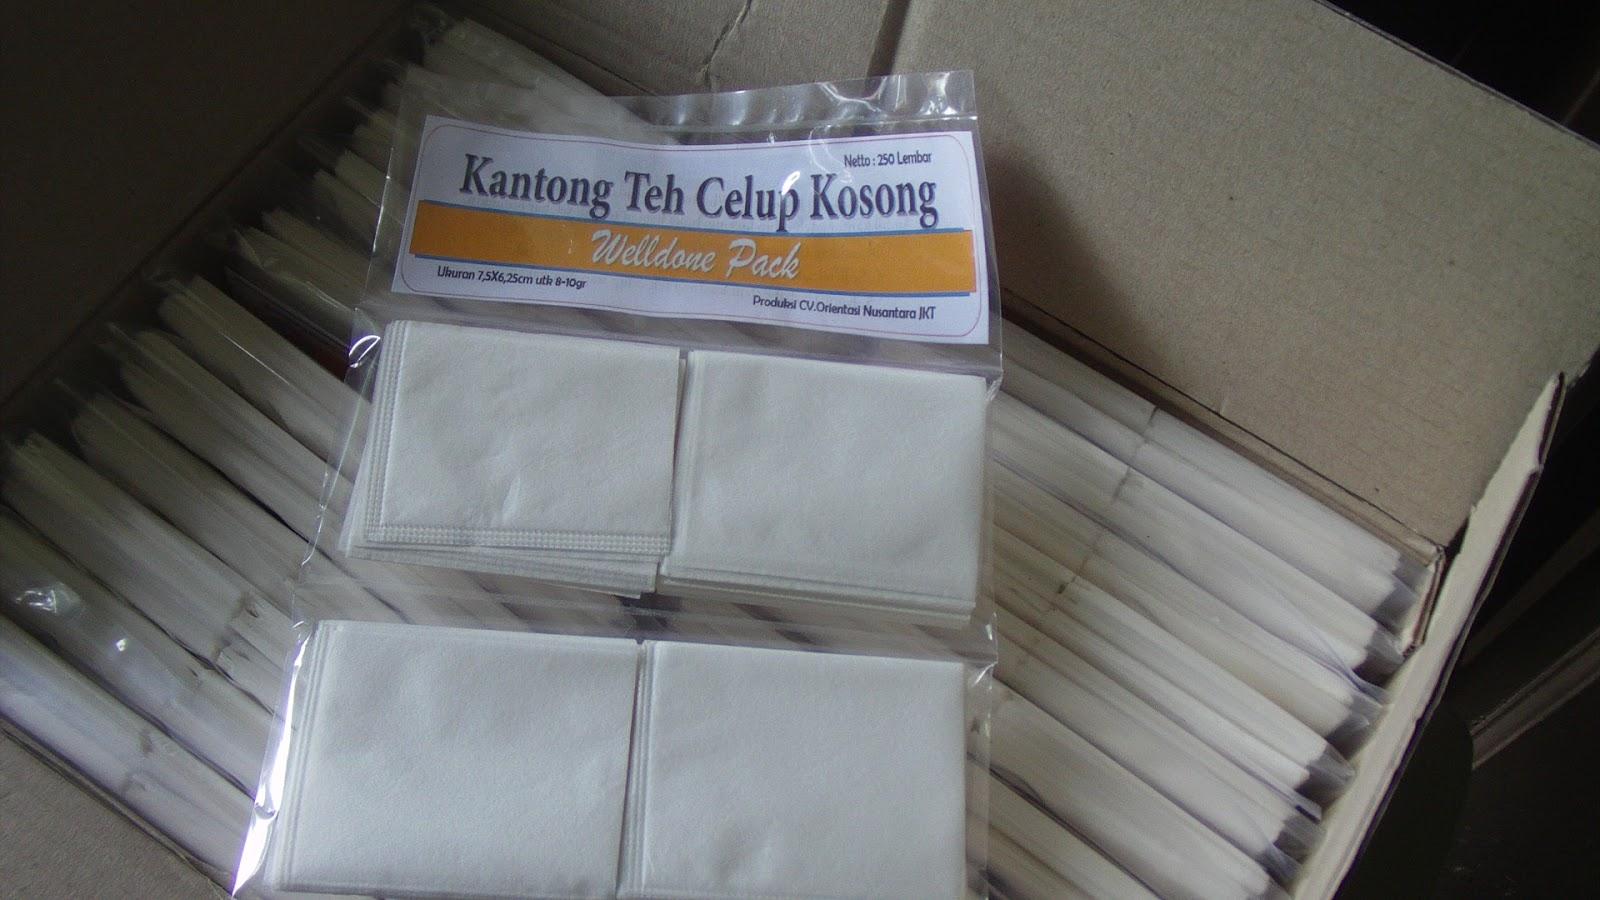 Produsen Kantong Teh Celup Kosong By Cvorientasi Nusantara Herbal Daun Sirsak Kemasan 1 Box 25 Kini Kami Menjual Eceran Guna Memenuhi Permintaan Konsumen Yang Ingin Membuat Untuk Keperluan Non Bisnis